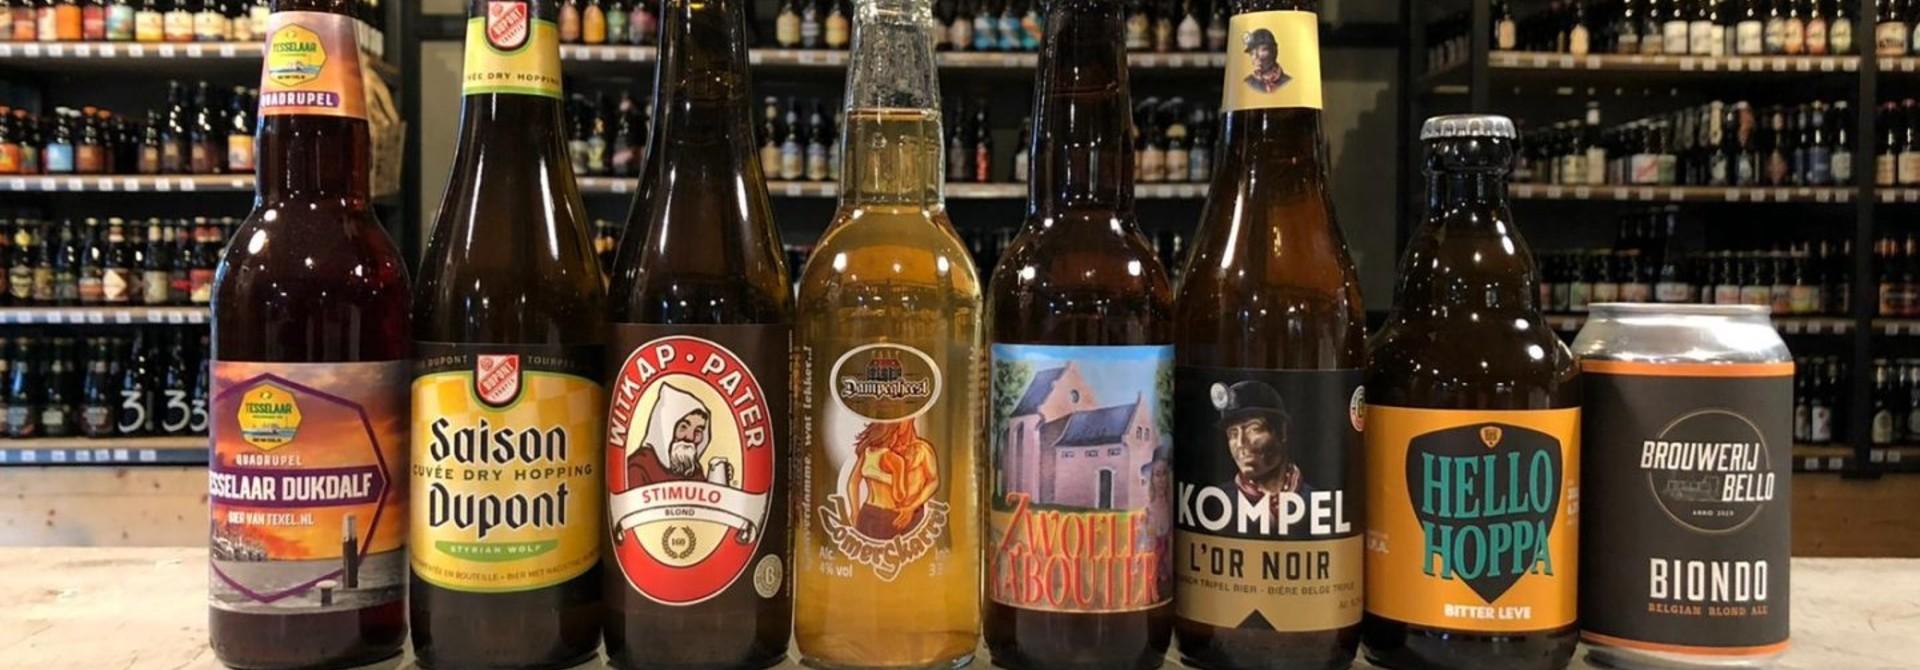 Speciaalbier – bierpakket juli 2021